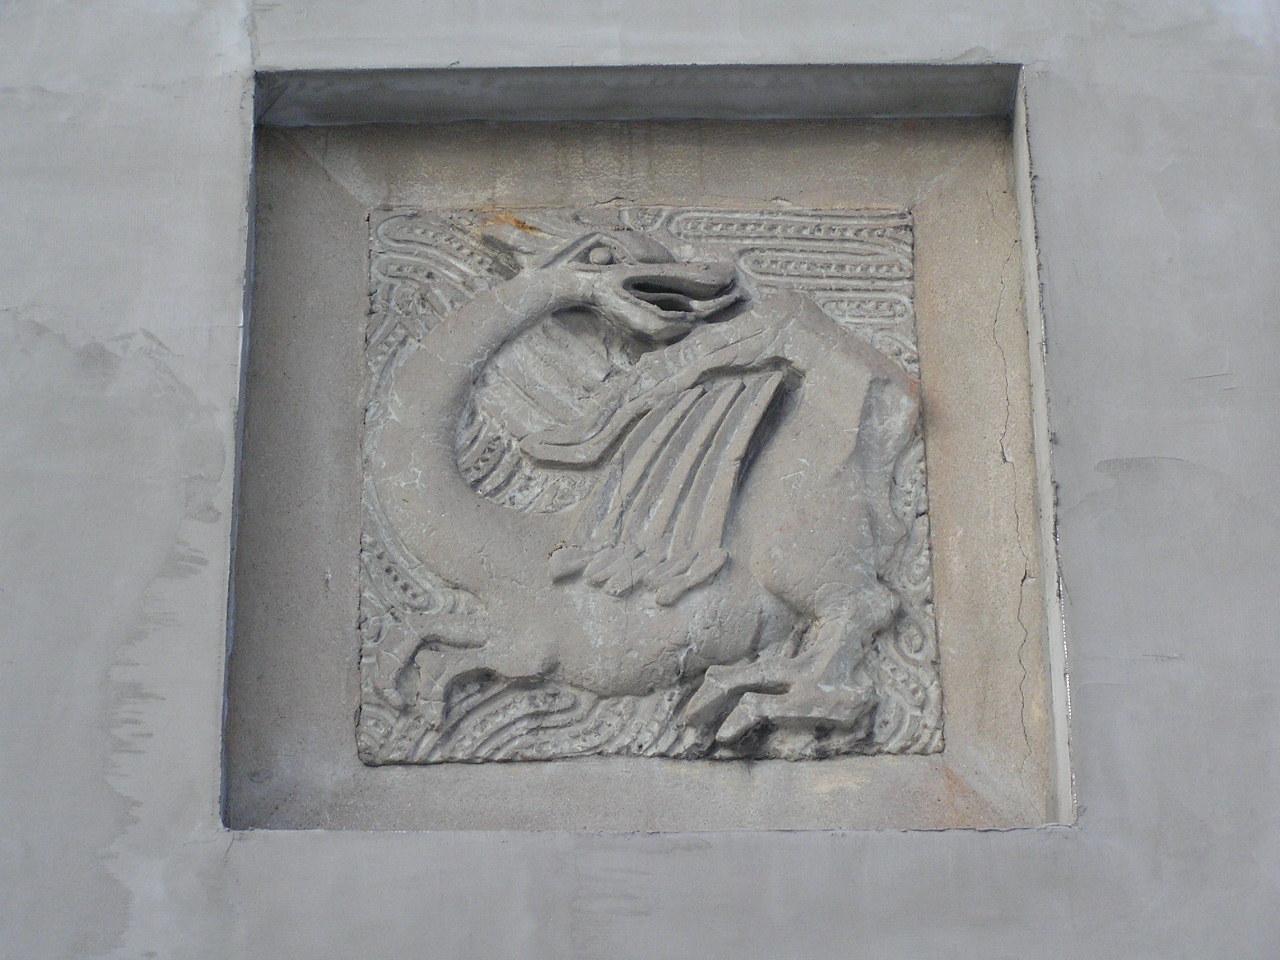 Płaskorzeźba smoka na ścianie budynku przy Zamienieckiej 65 na Grochowie